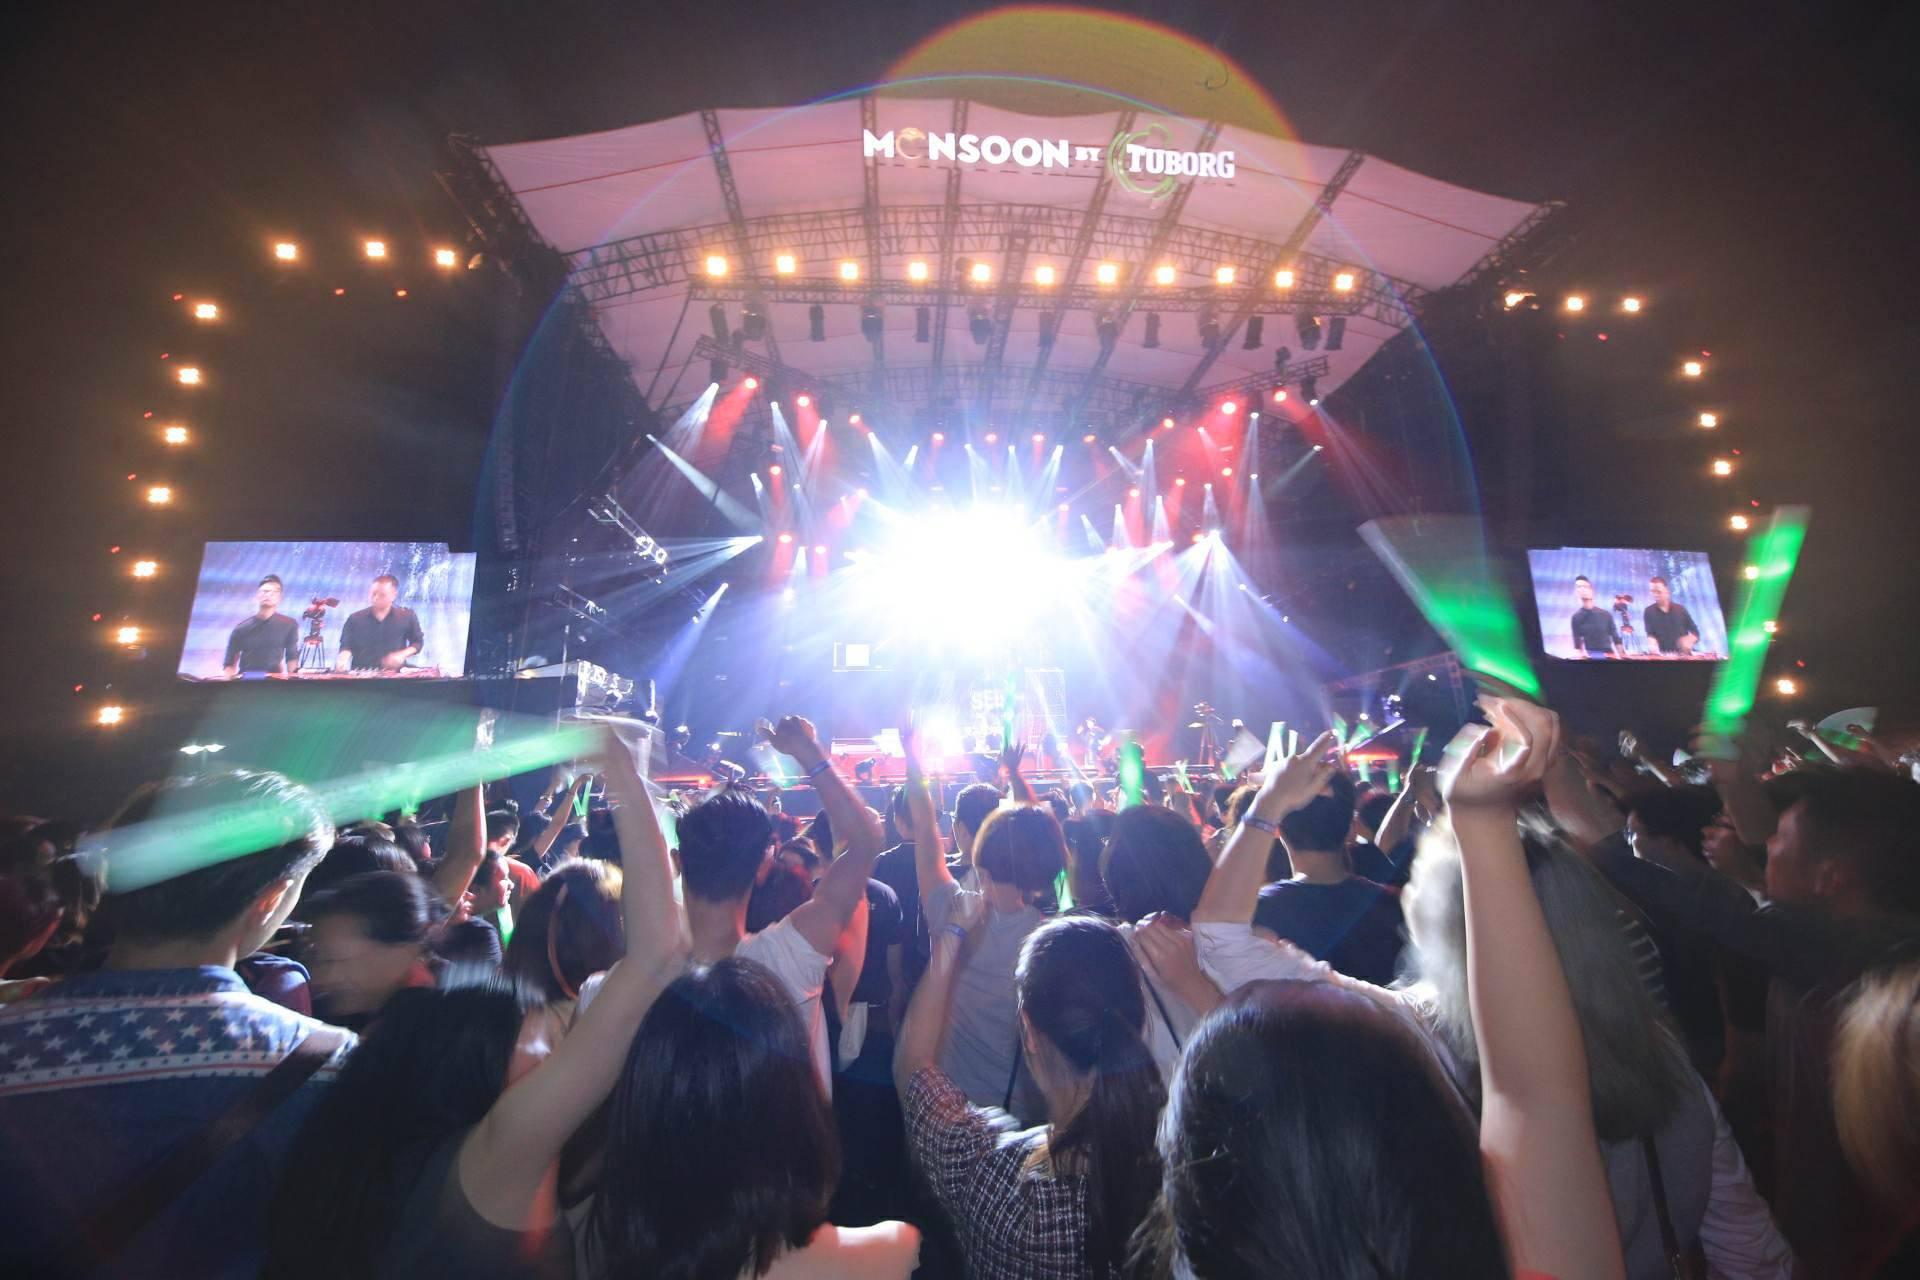 """Hoàng Touliver, SlimV cùng các nghệ sĩ quốc tế làm bùng nổ đêm nhạc đầu tiên của """"Monsoon Music Festival 2017 by Tuborg"""" - Ảnh 9."""